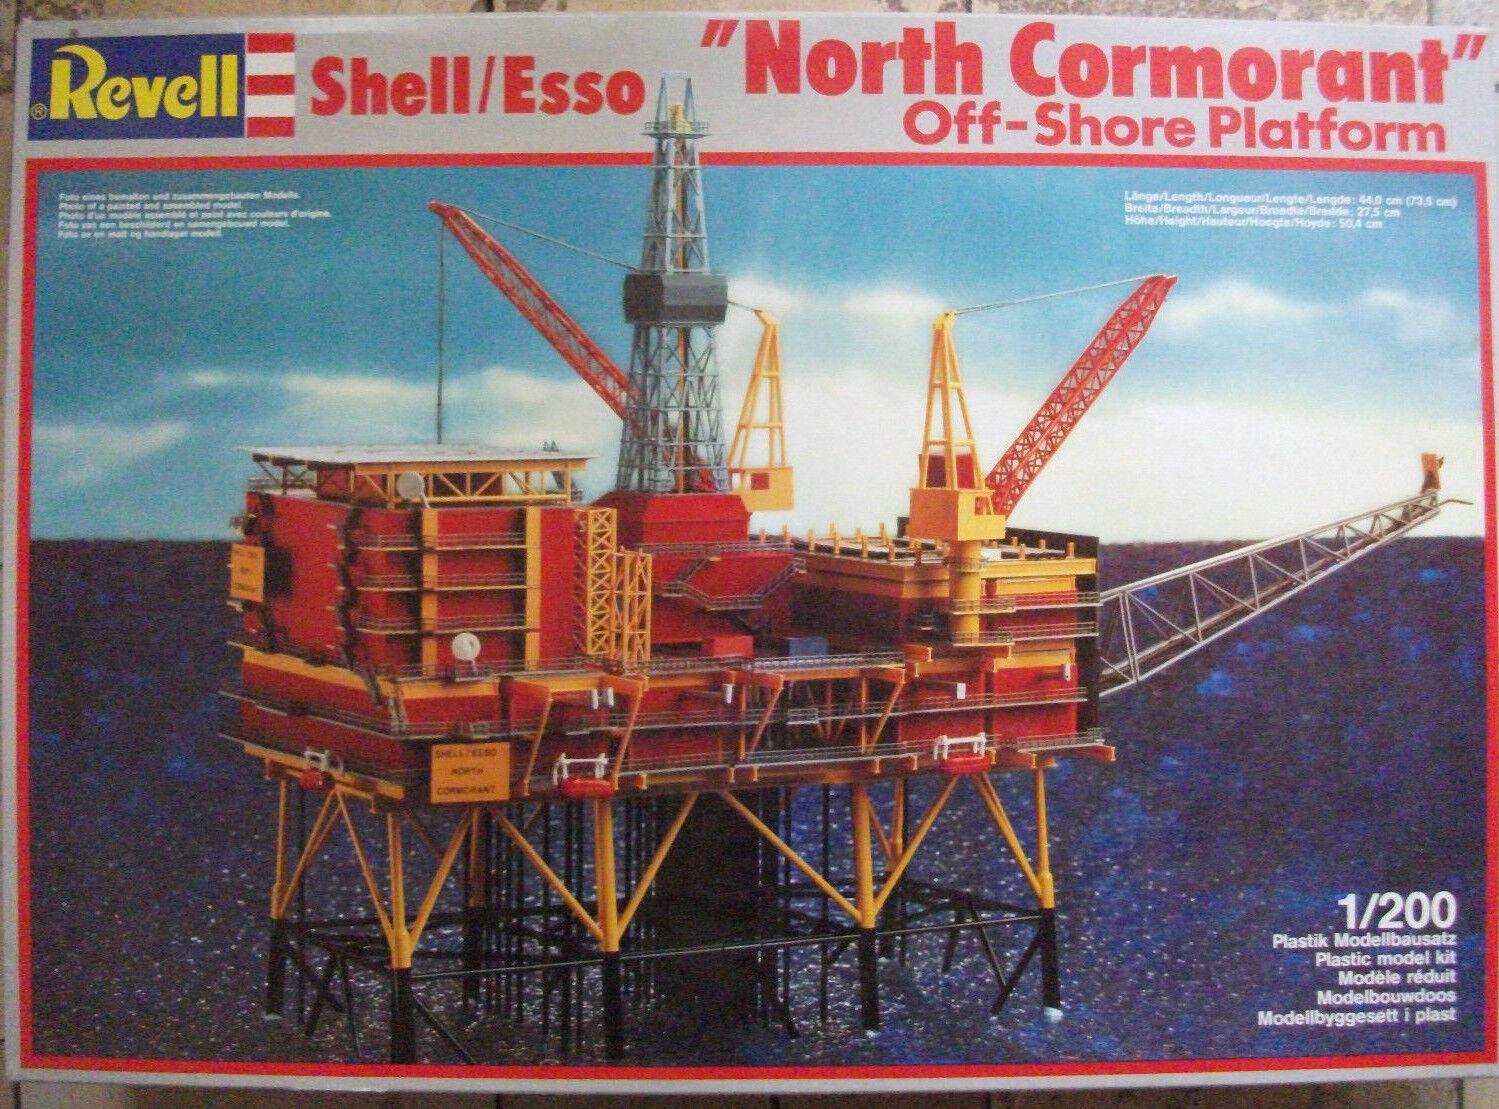 Revell 8803 1 200 SHELL ESSO OFF-SHORE PLATFORM PLATFORM PLATFORM NORTH CORMORANT Rarität    Komfort  433027